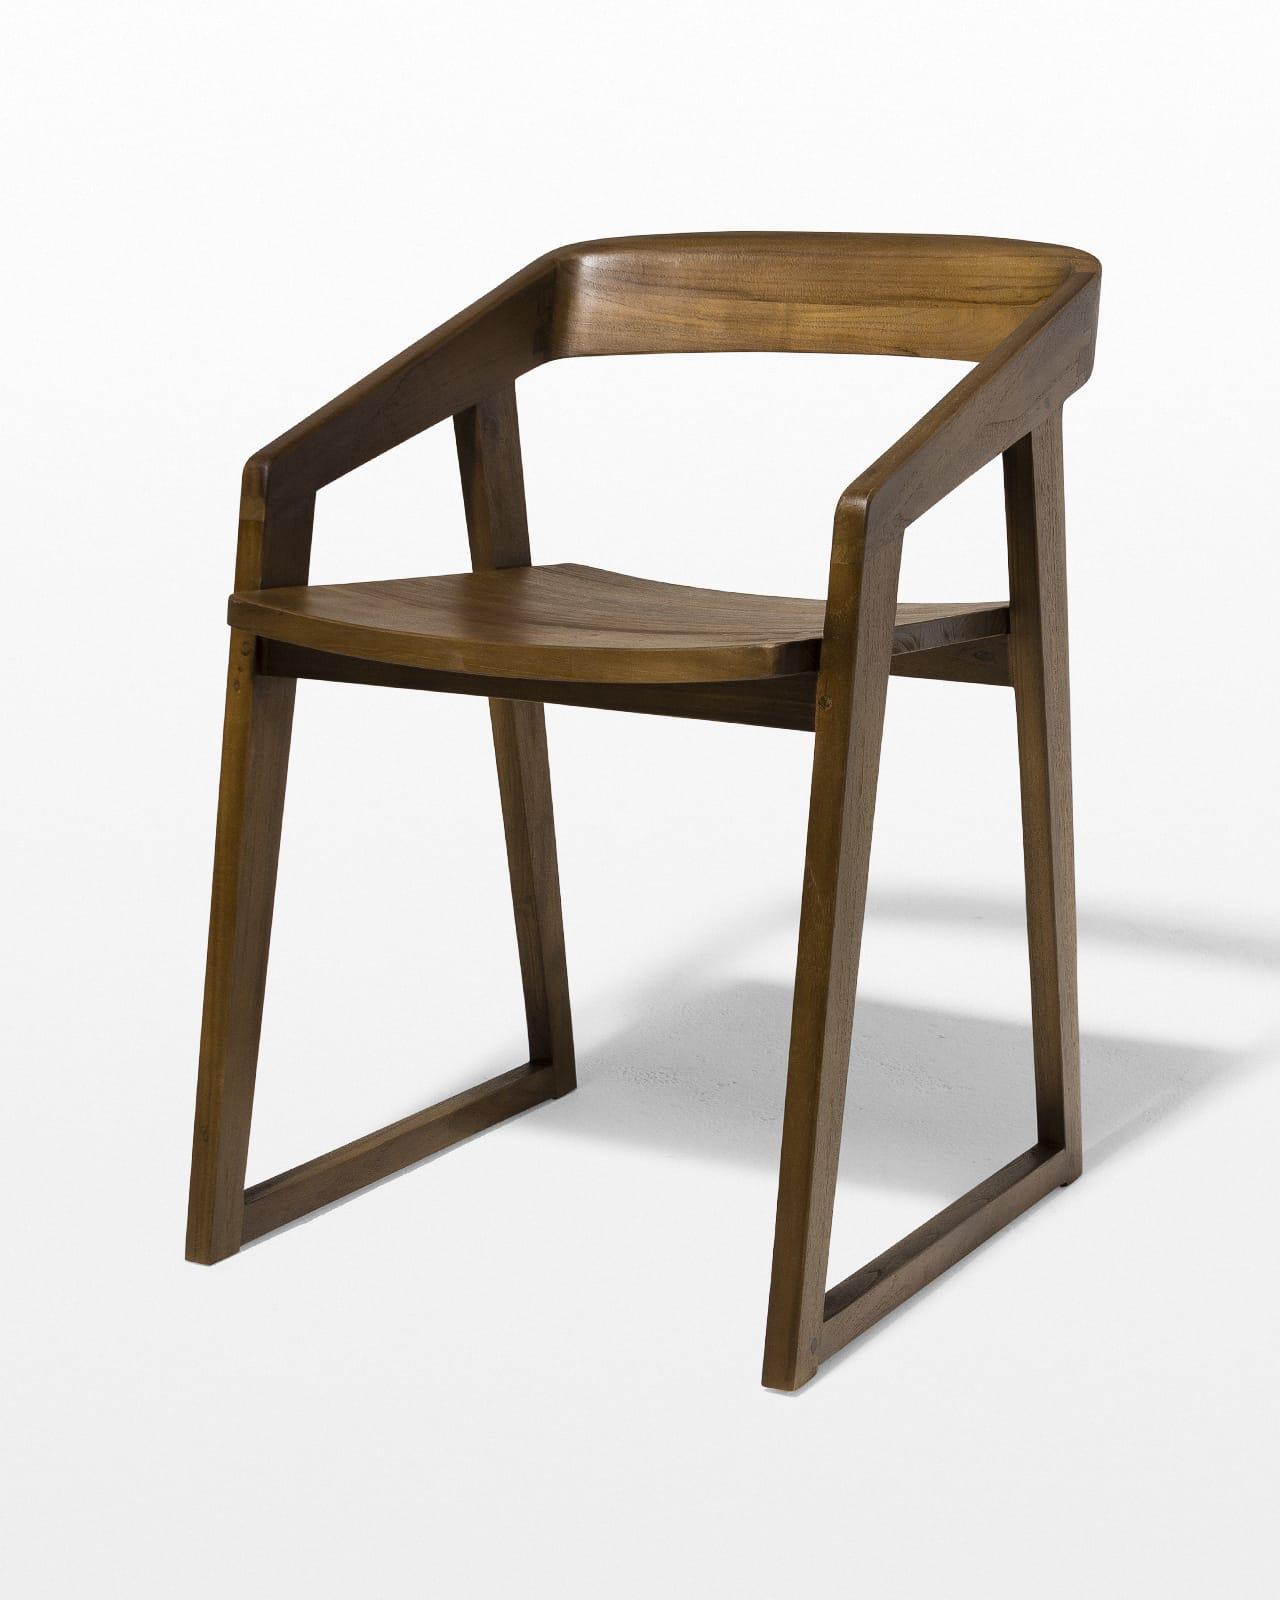 CH495 Thomas Chair